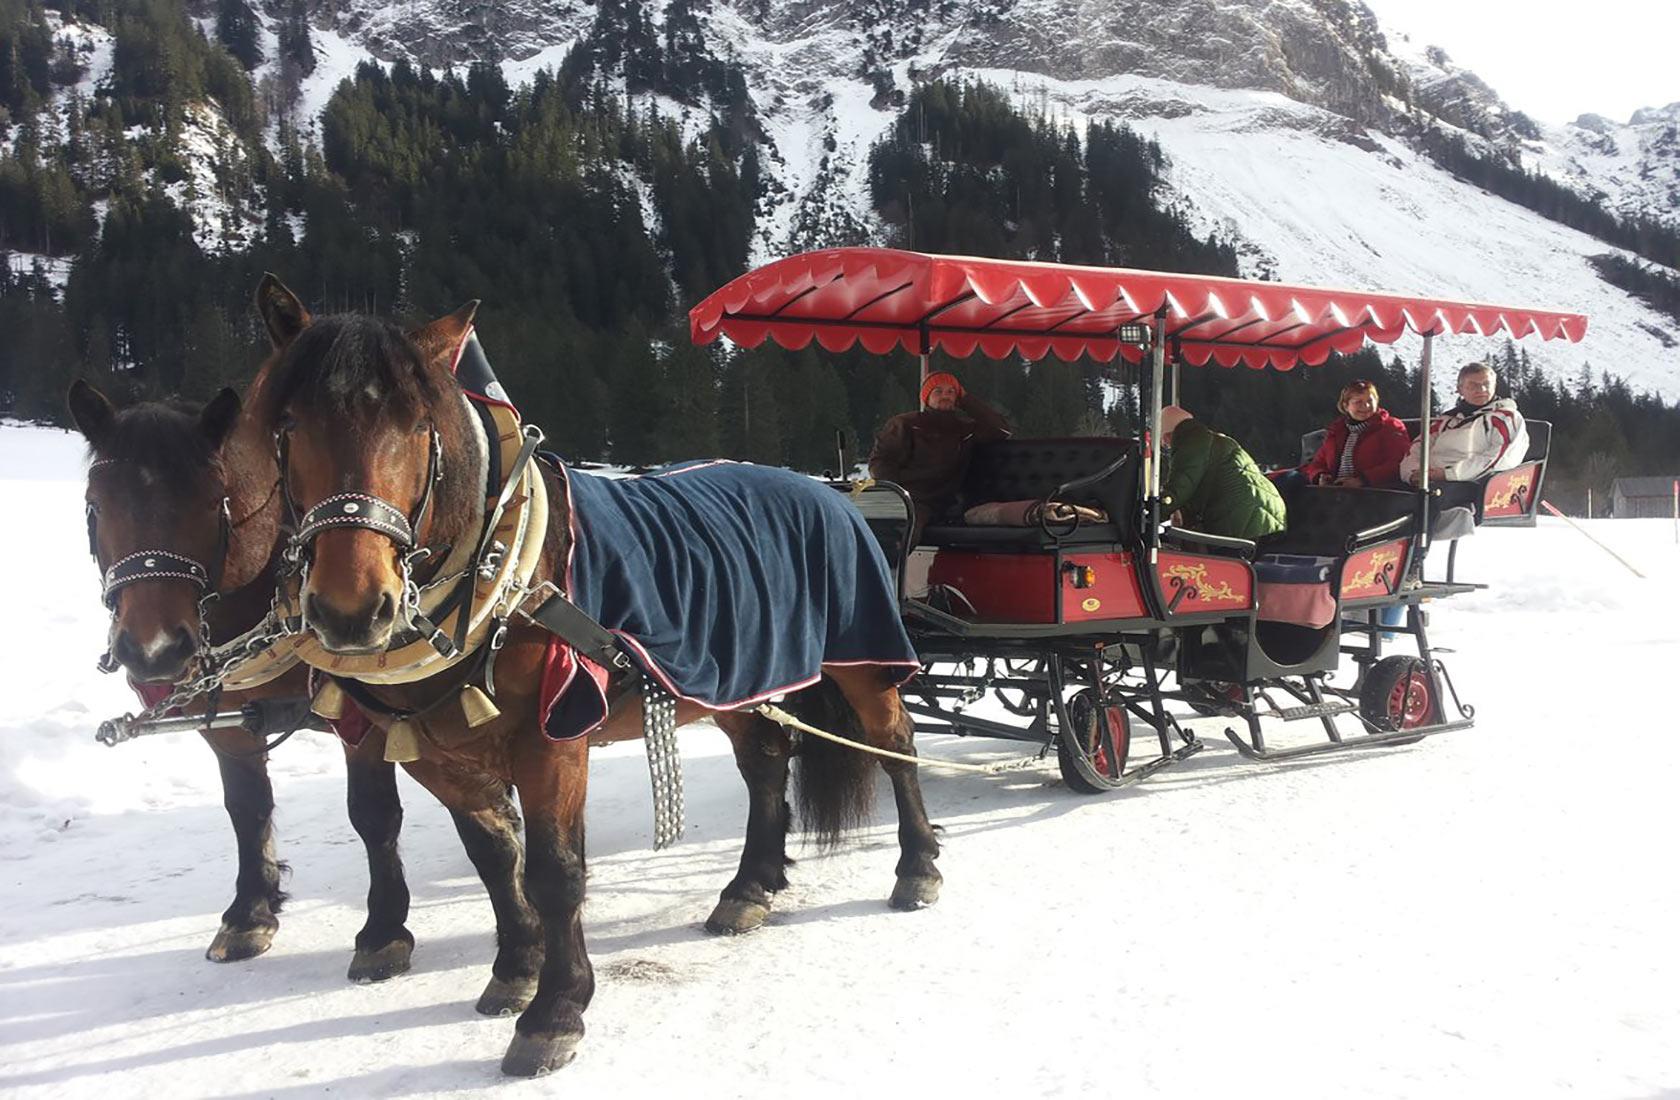 Pferdeschlittenfahrt im Winter Tannheimer Tal Tirol